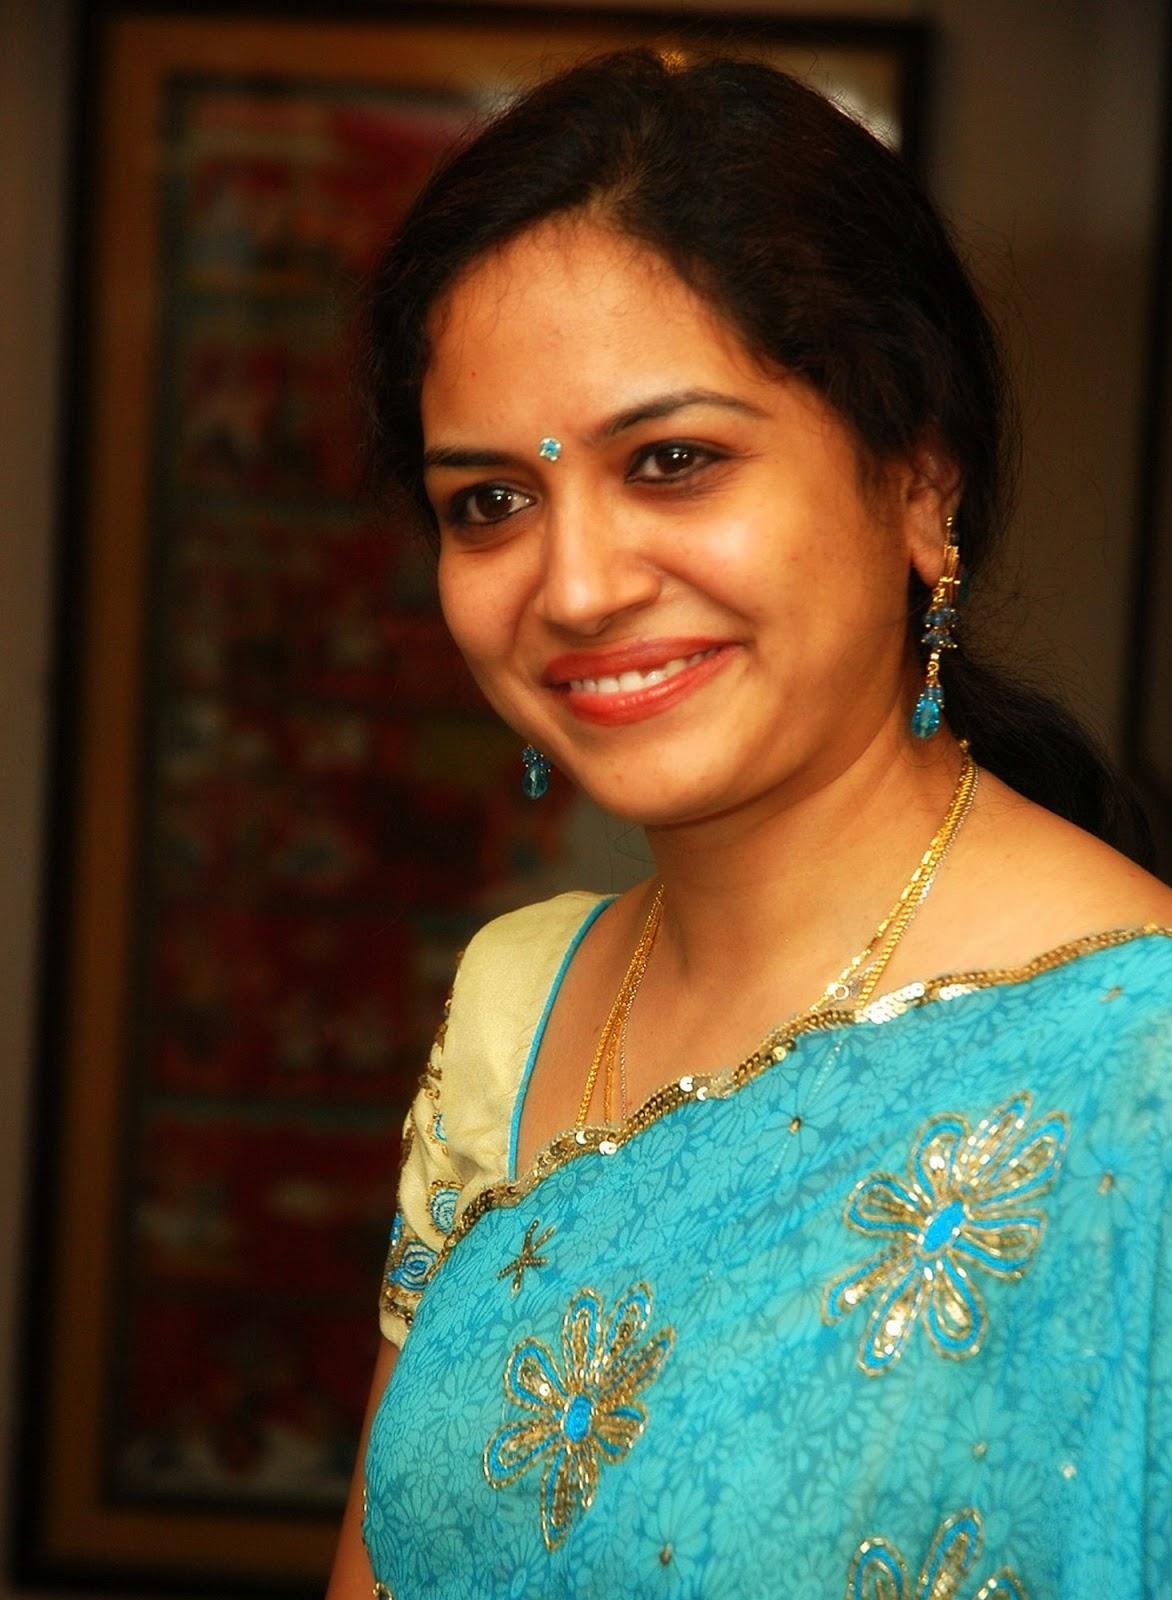 singer sunitha  singer sunitha u0026 39 s hq photos